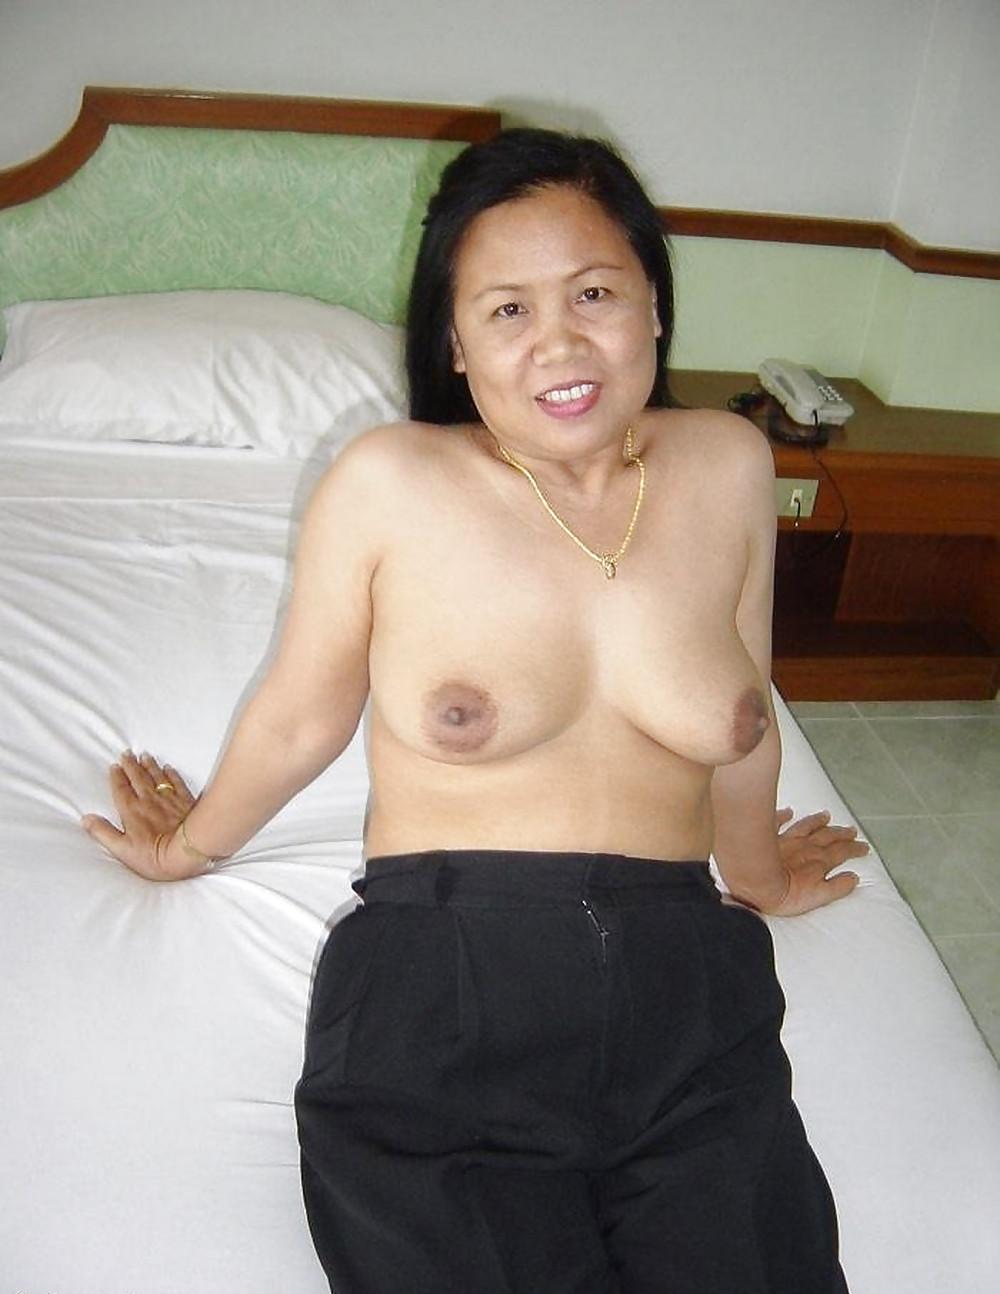 Asian Granny Small Tits